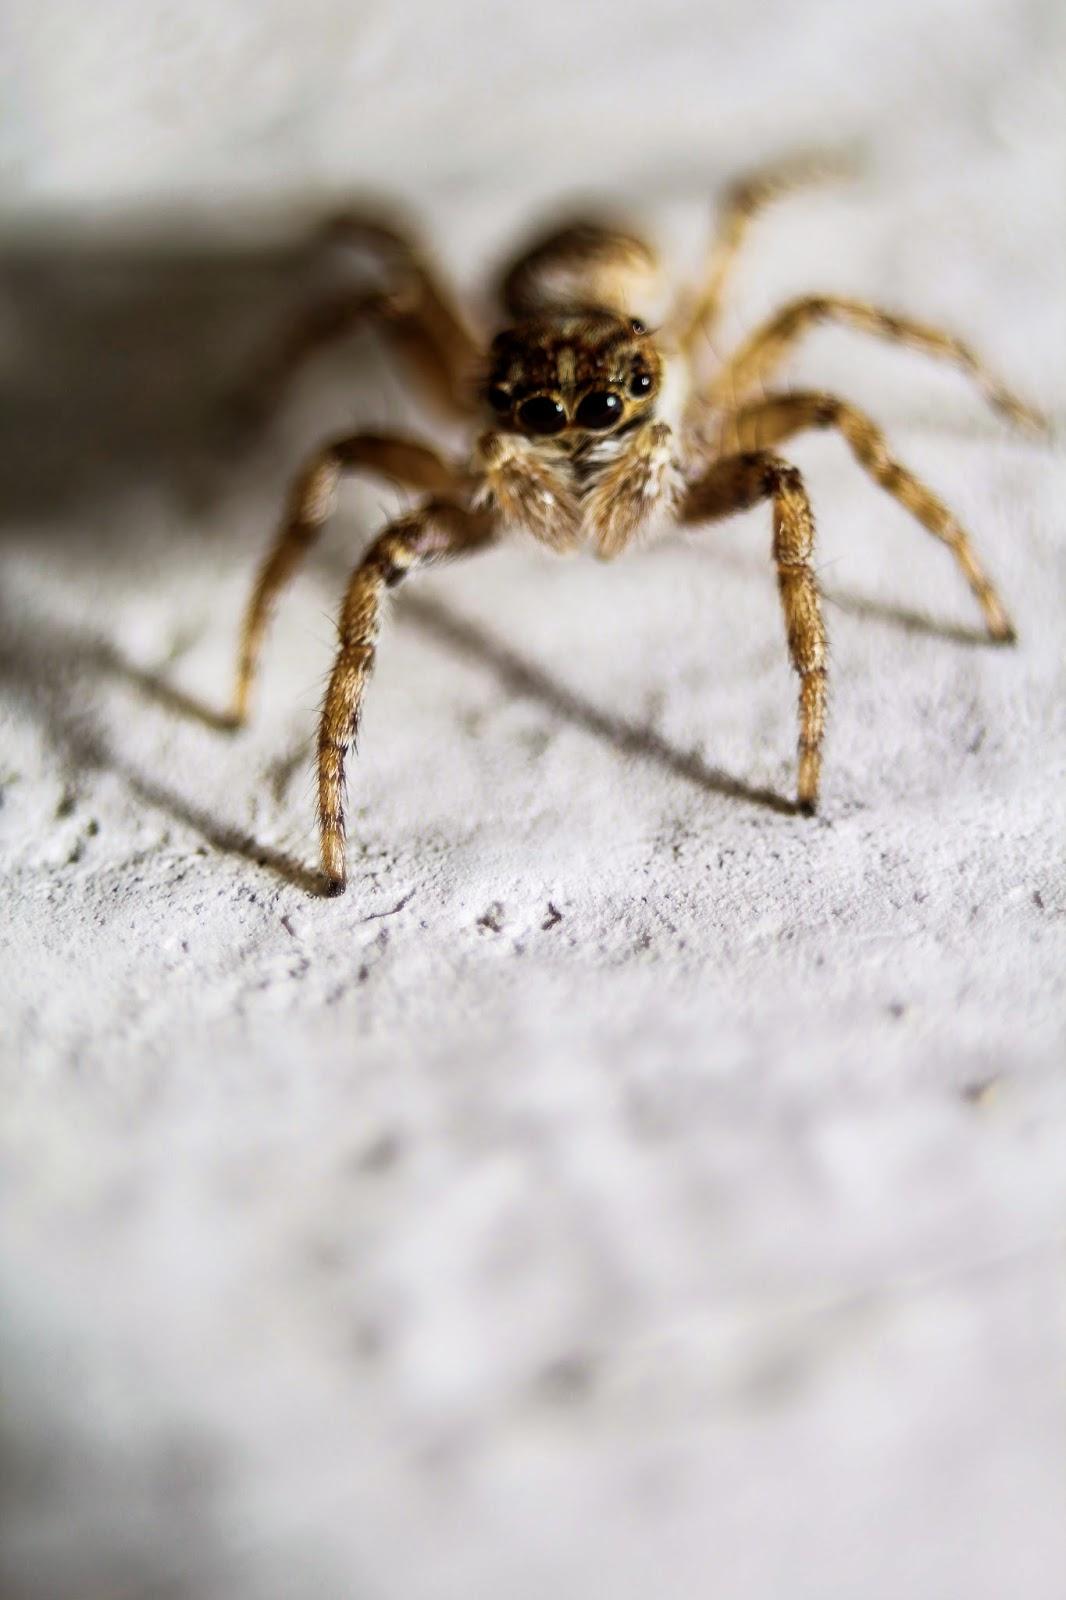 Arañas en fotosmacro.blogspot.com